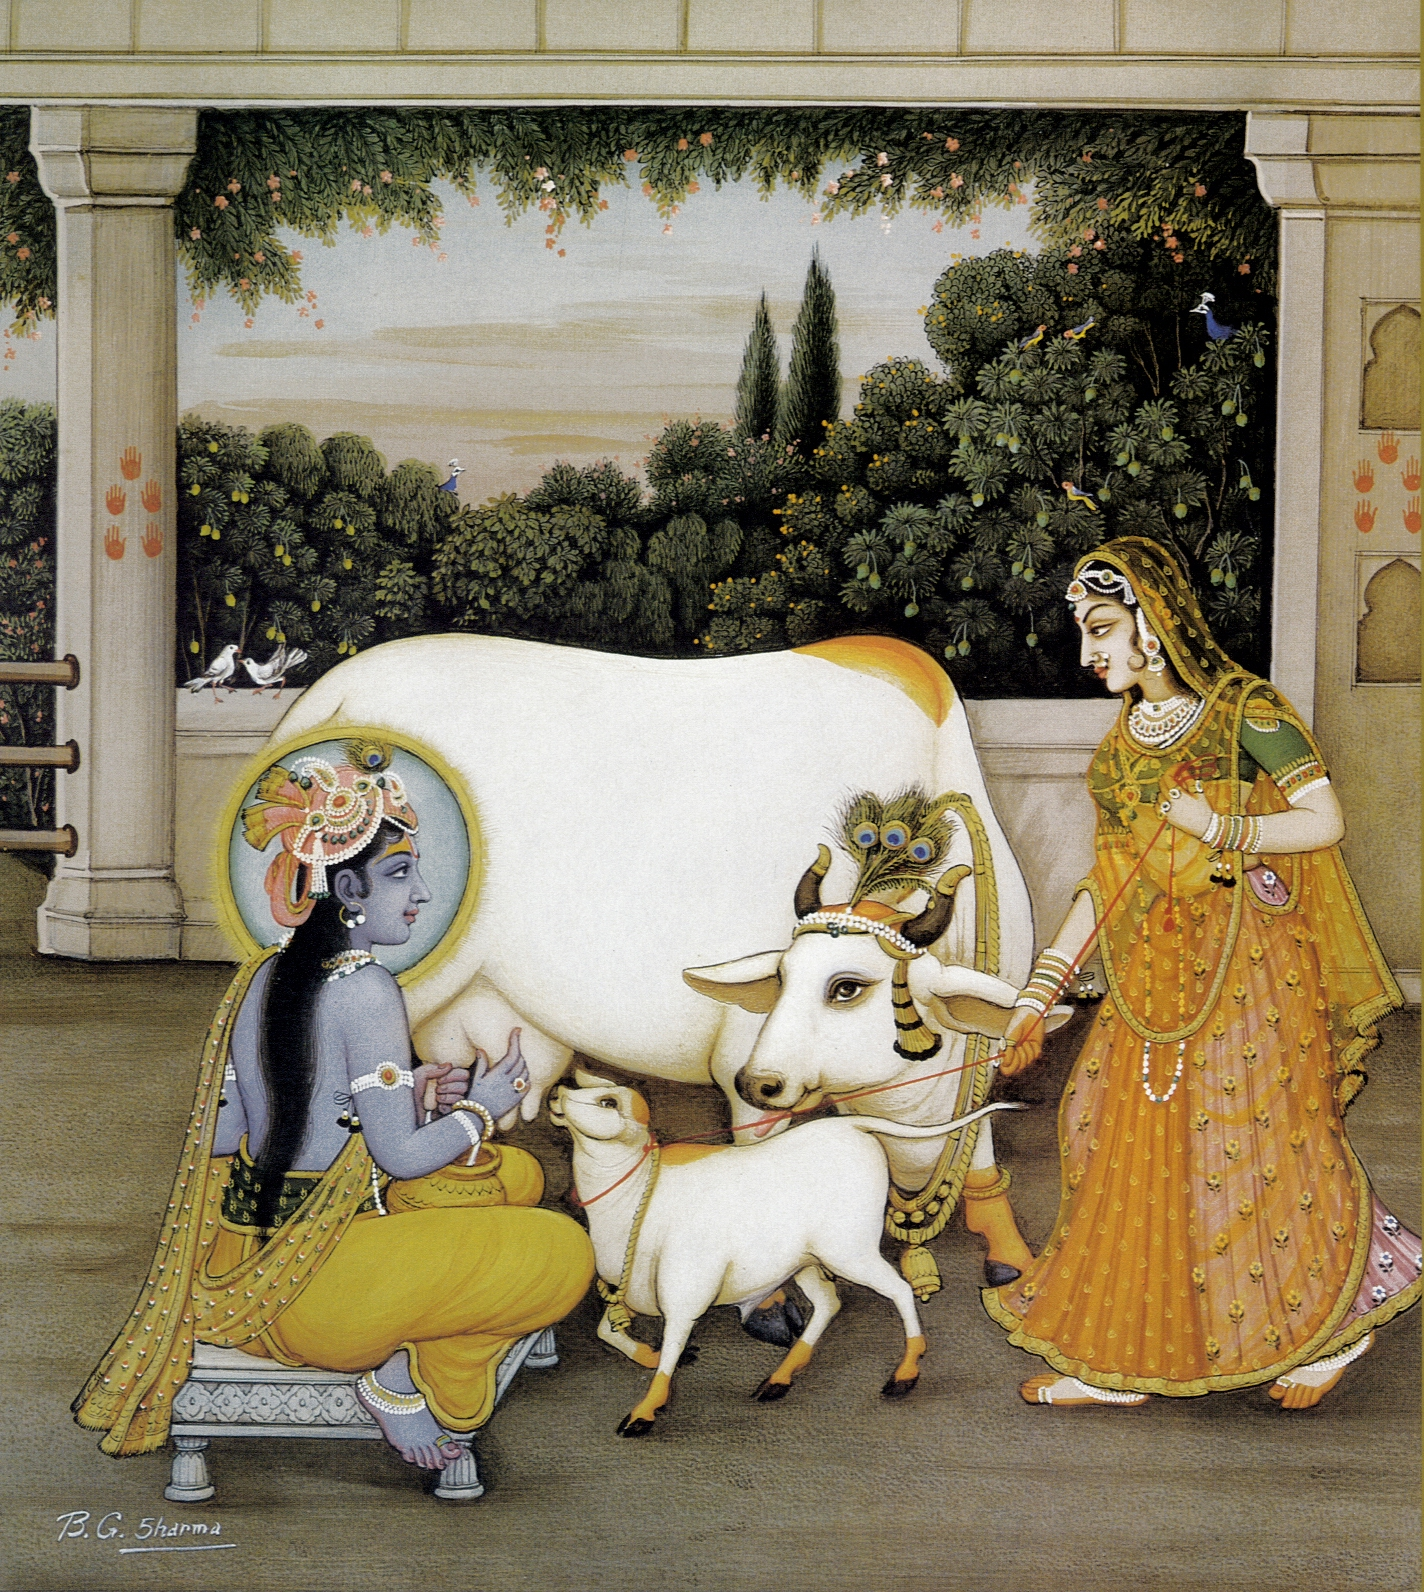 Krishna milking a cow